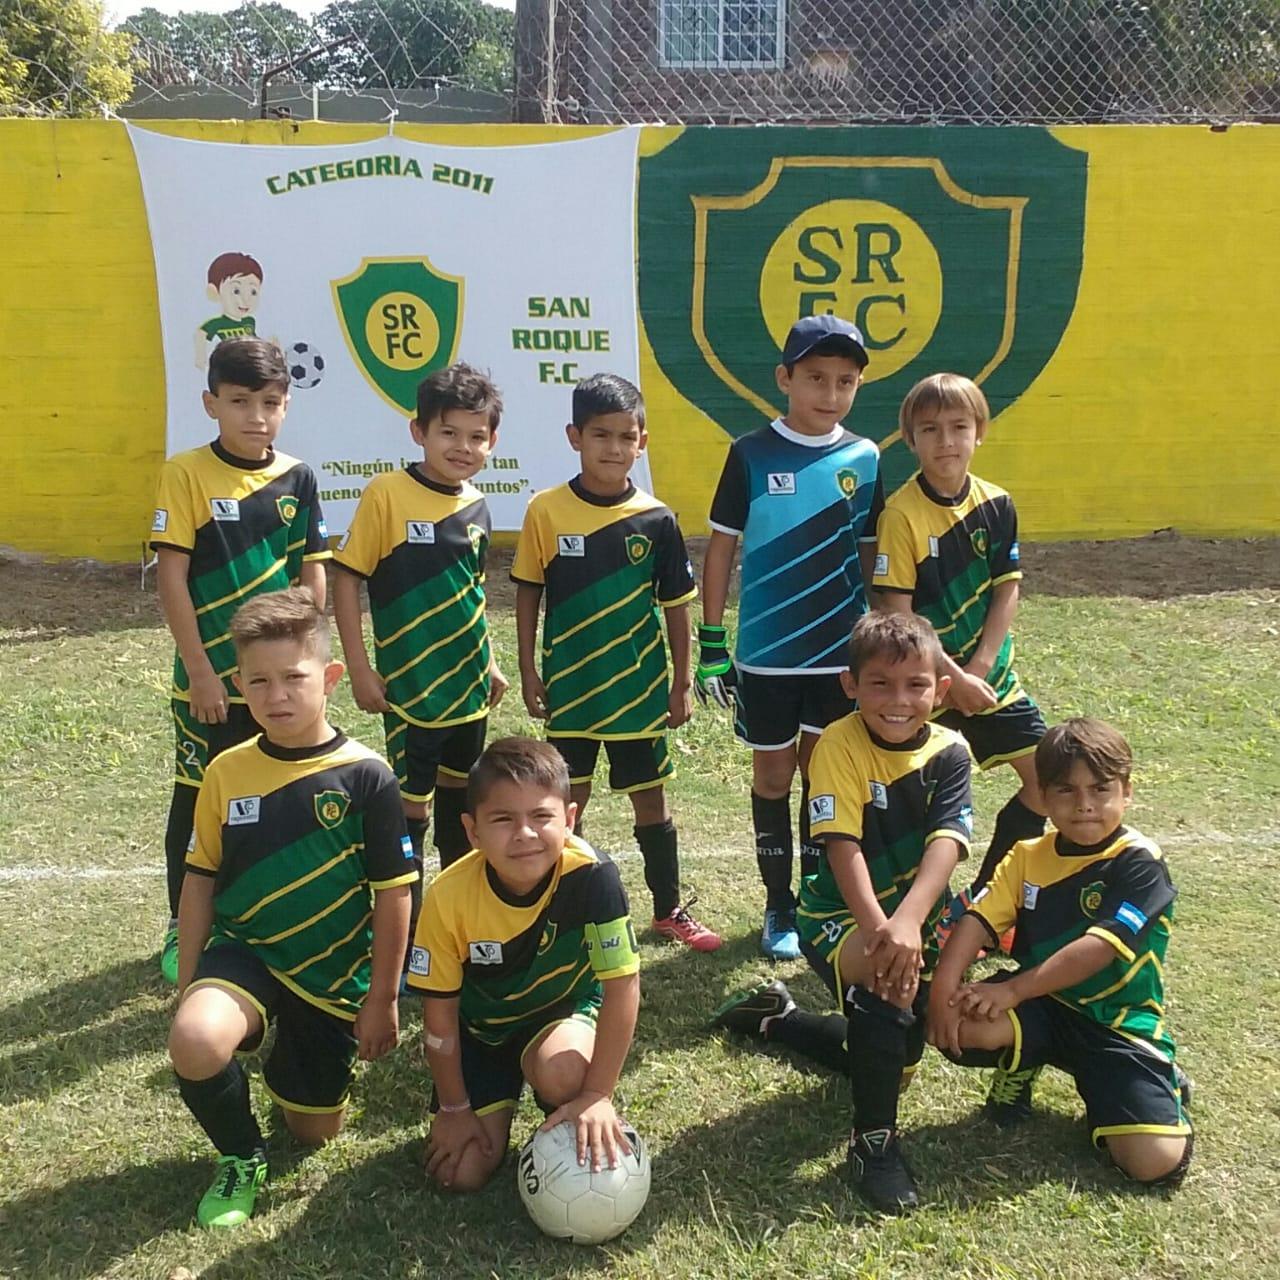 Fútbol Infantil: Resultados y posiciones luego de disputarse la 7ma fecha